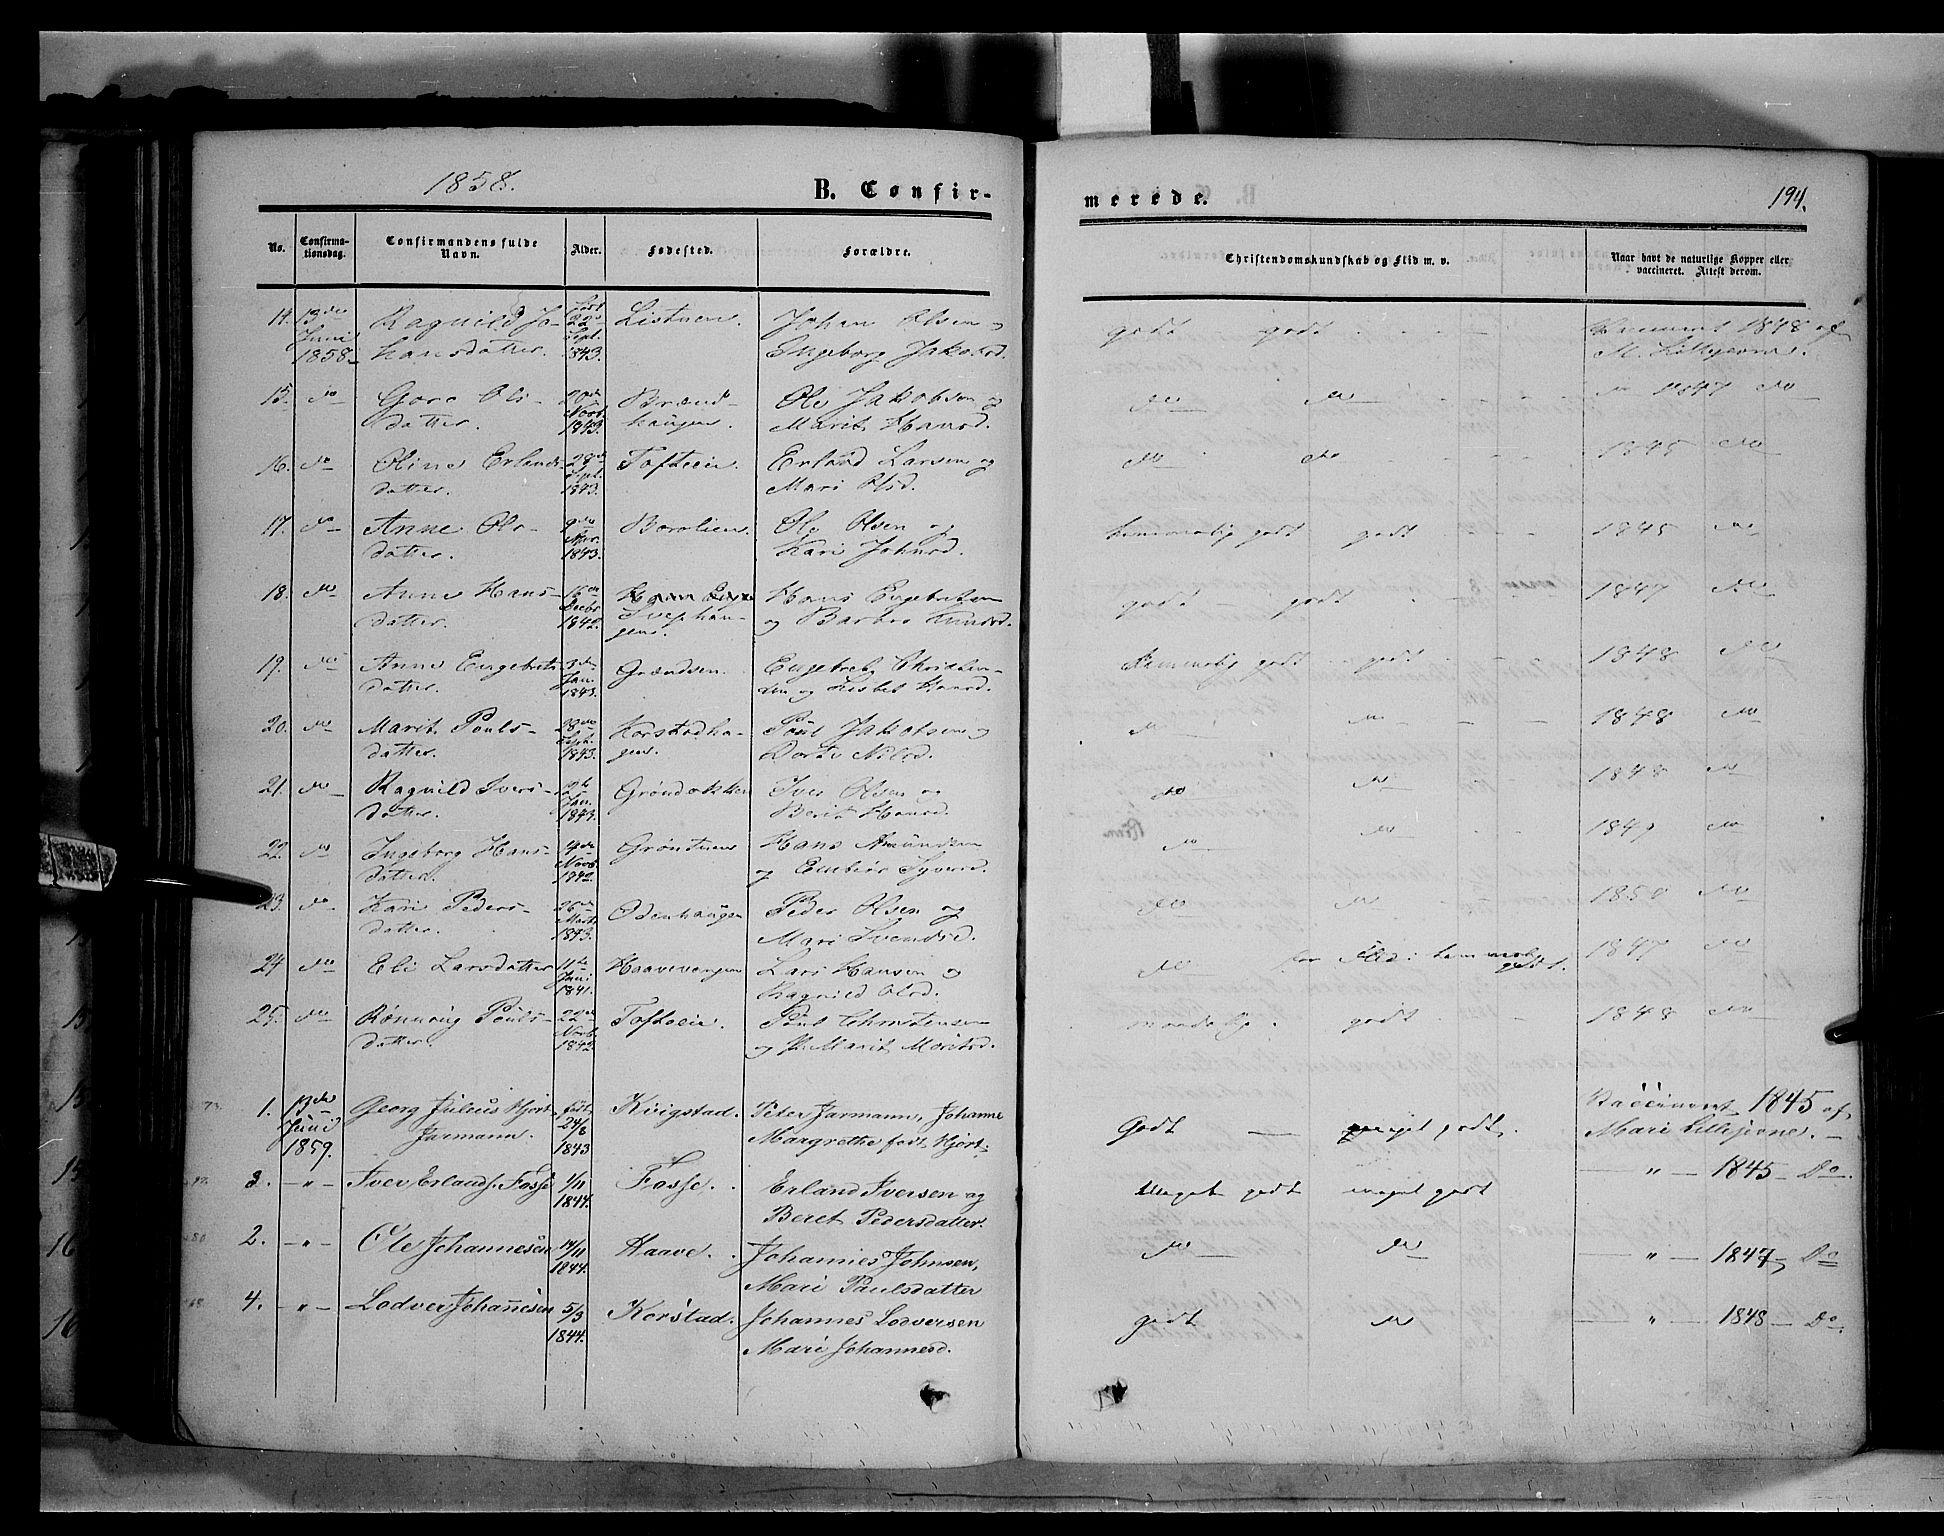 SAH, Sør-Fron prestekontor, H/Ha/Haa/L0001: Ministerialbok nr. 1, 1849-1863, s. 194